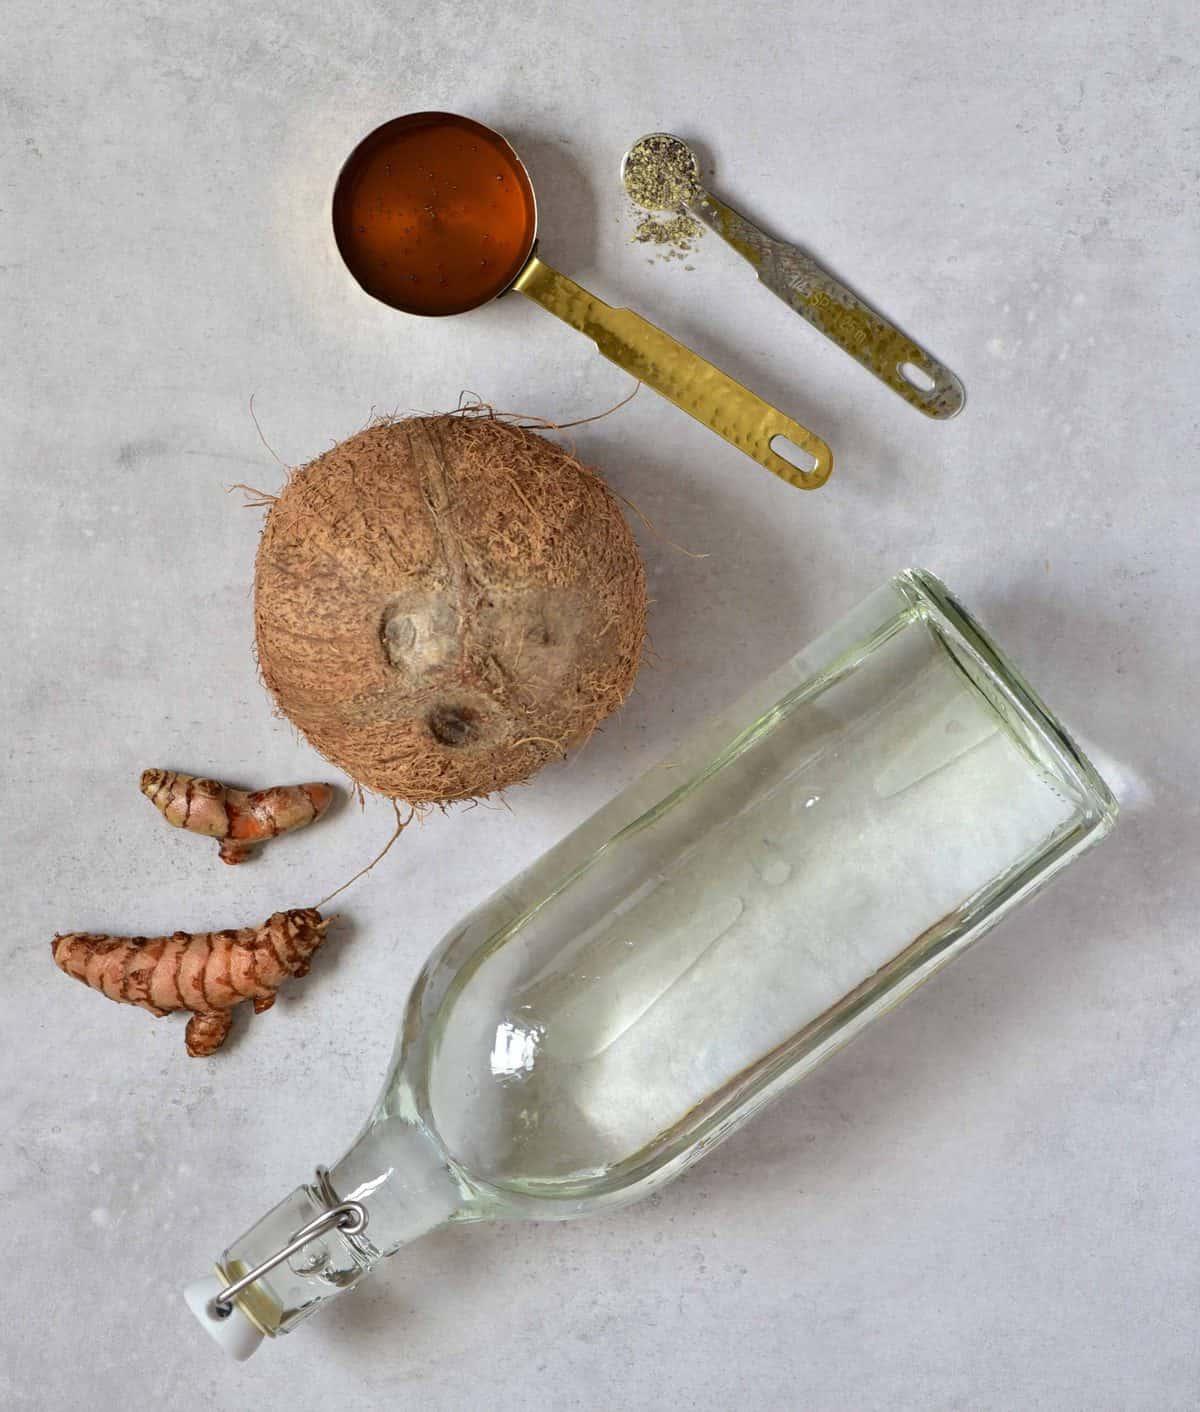 Golden milk - ingredients